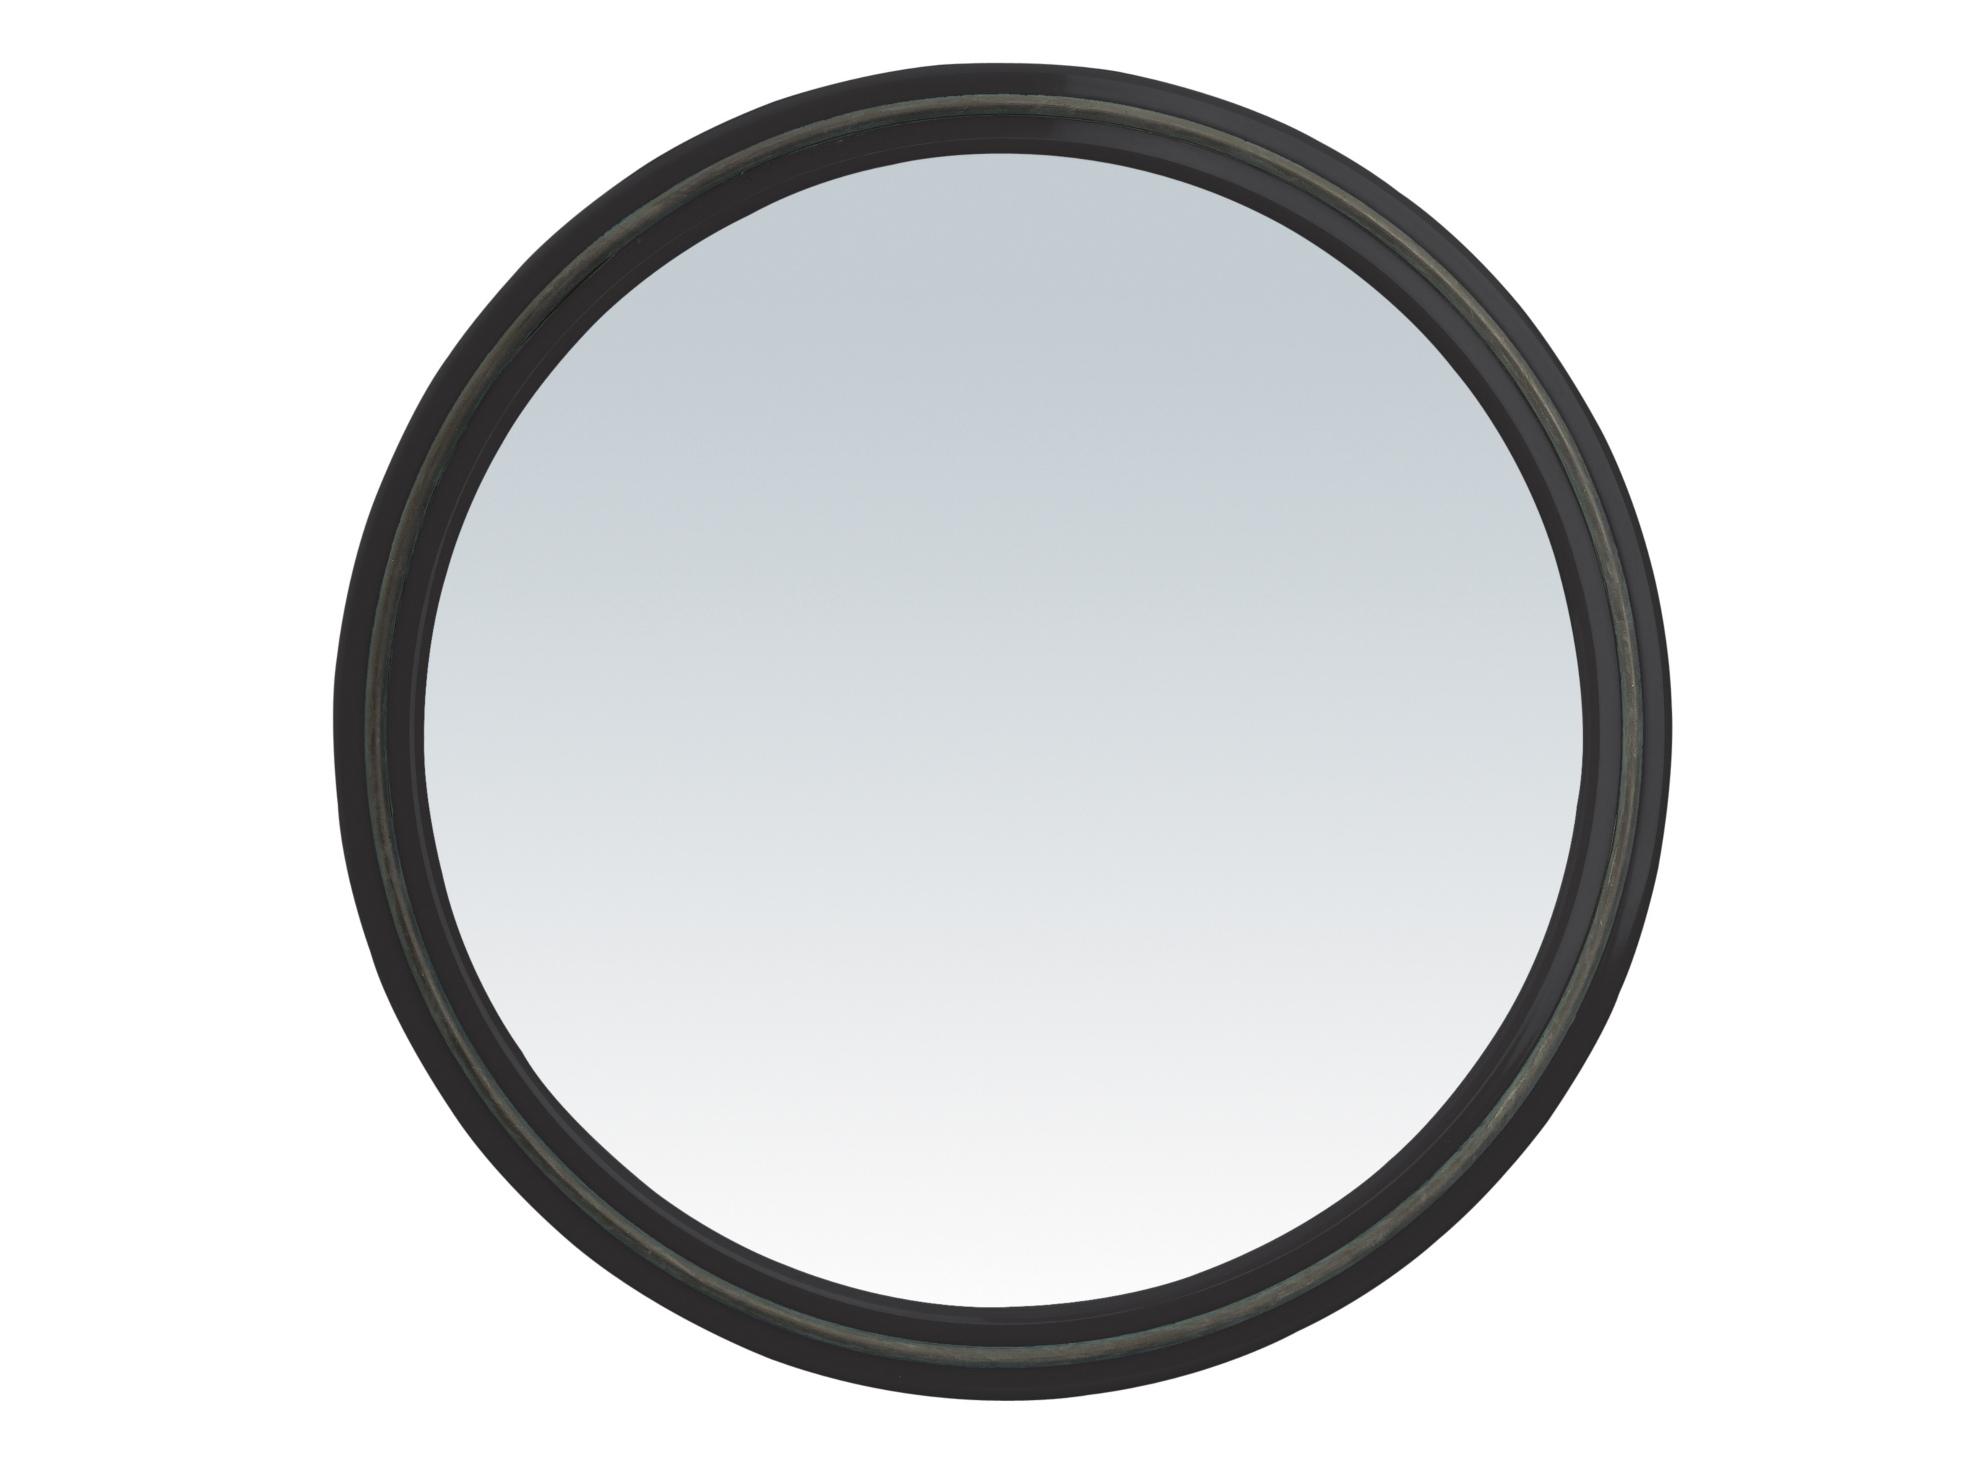 Kulaté zrcátko s rukojetí Sibel, černé (013073102) + DÁREK ZDARMA